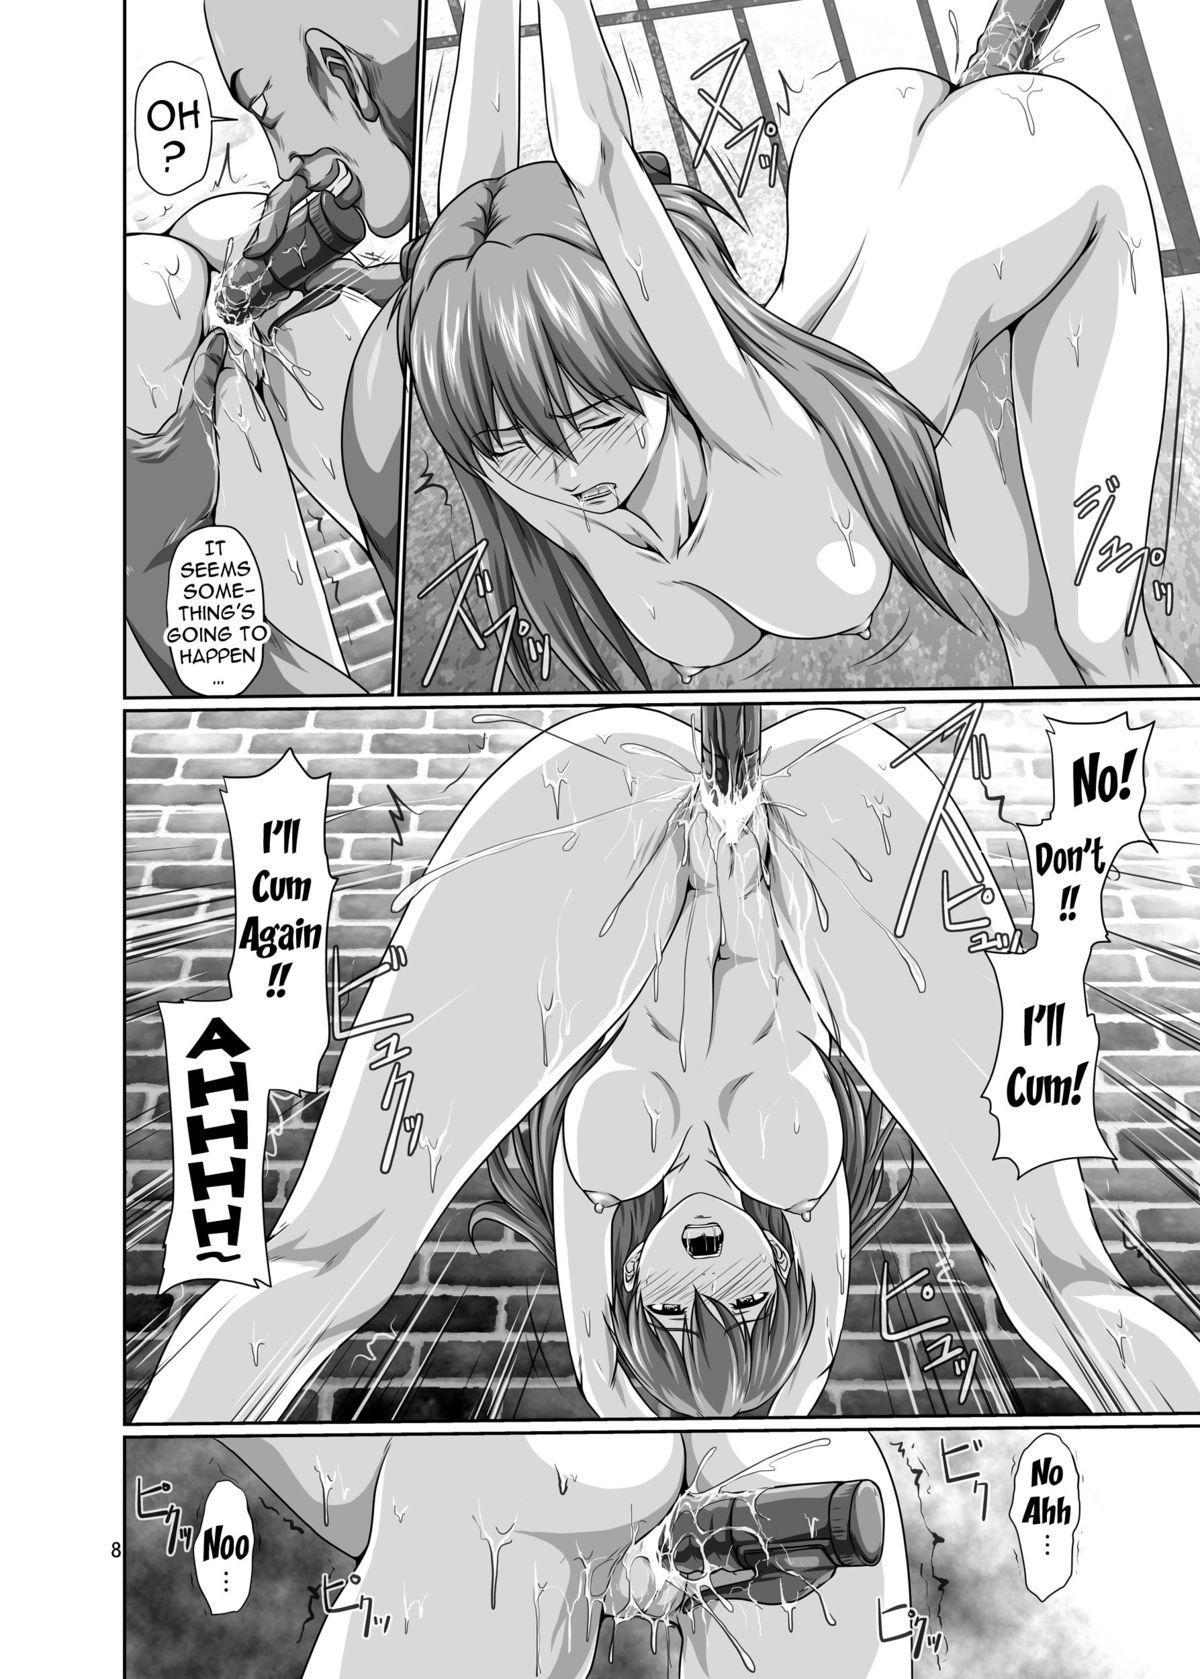 Seiteki Yokkyou Hokan Keikaku San | Sexual Desire Fulfillment Plan 6